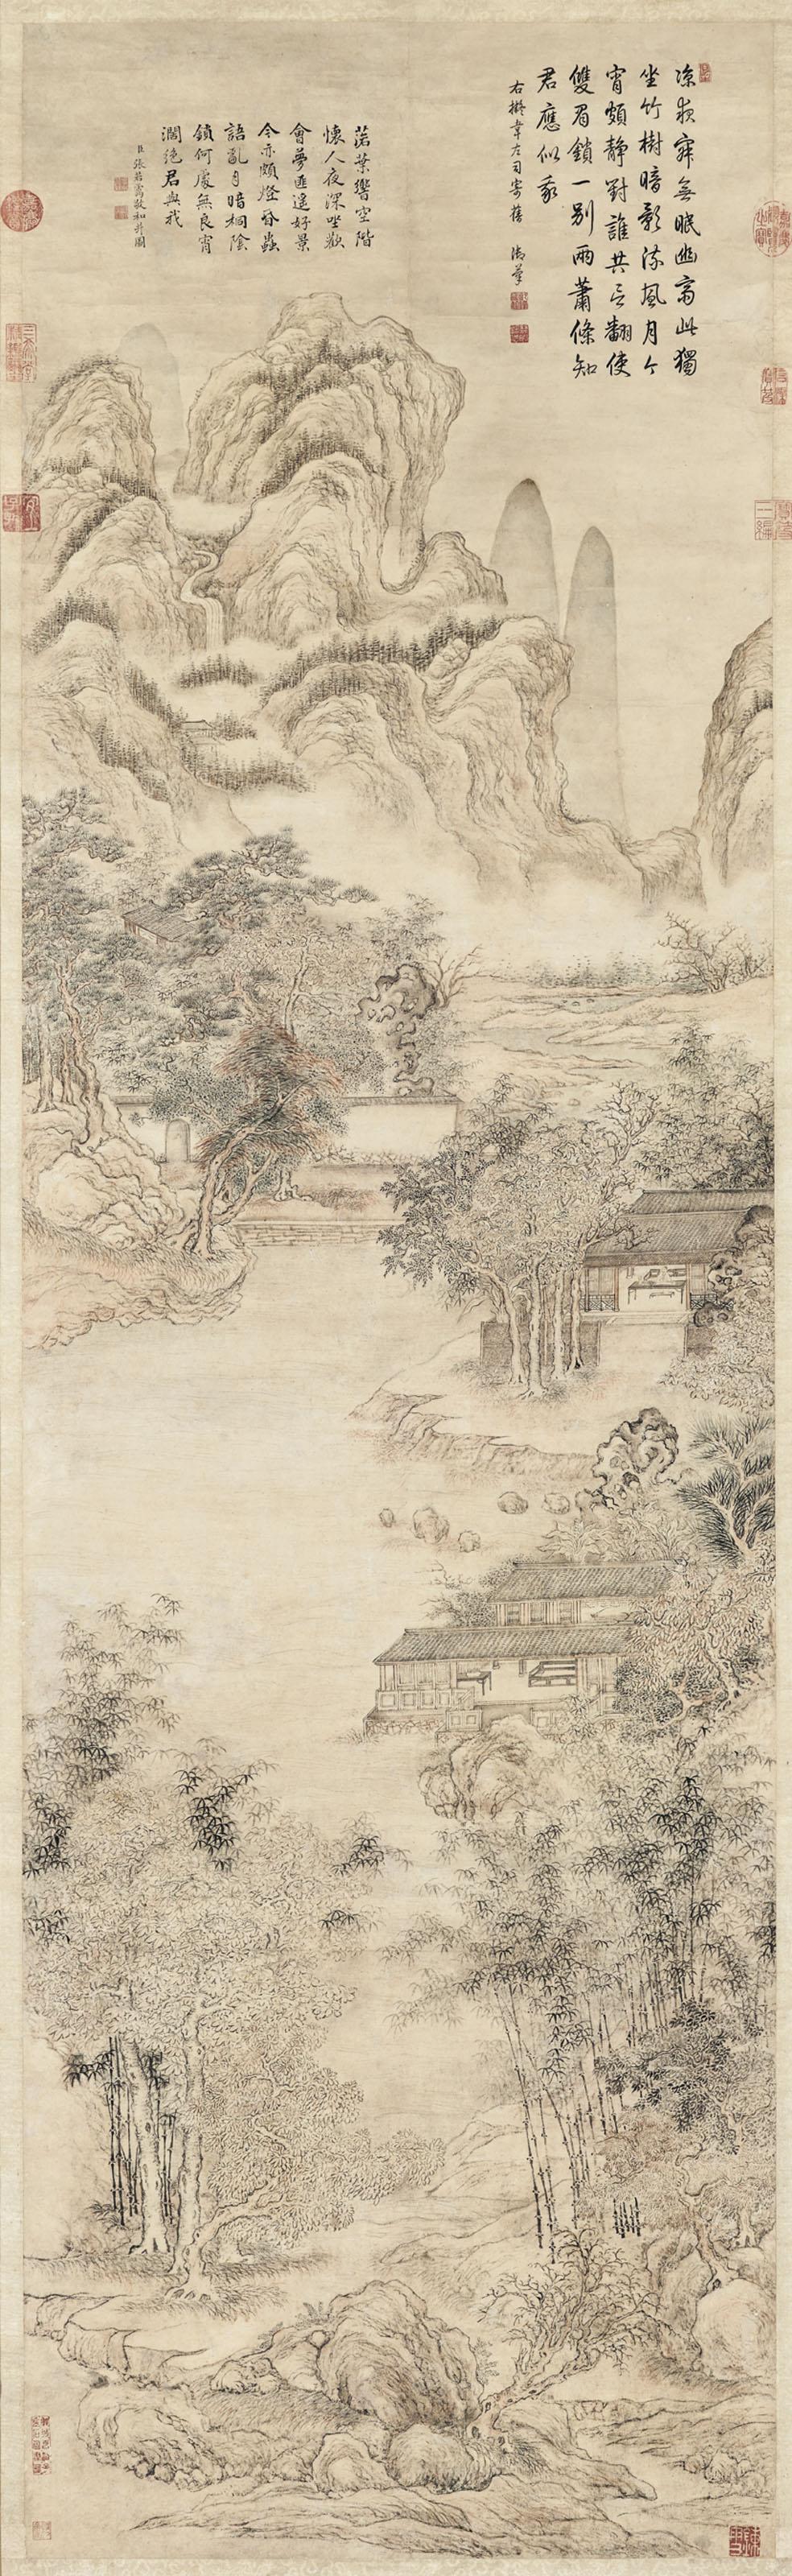 ZHANG RUO'AI (1713-1746)